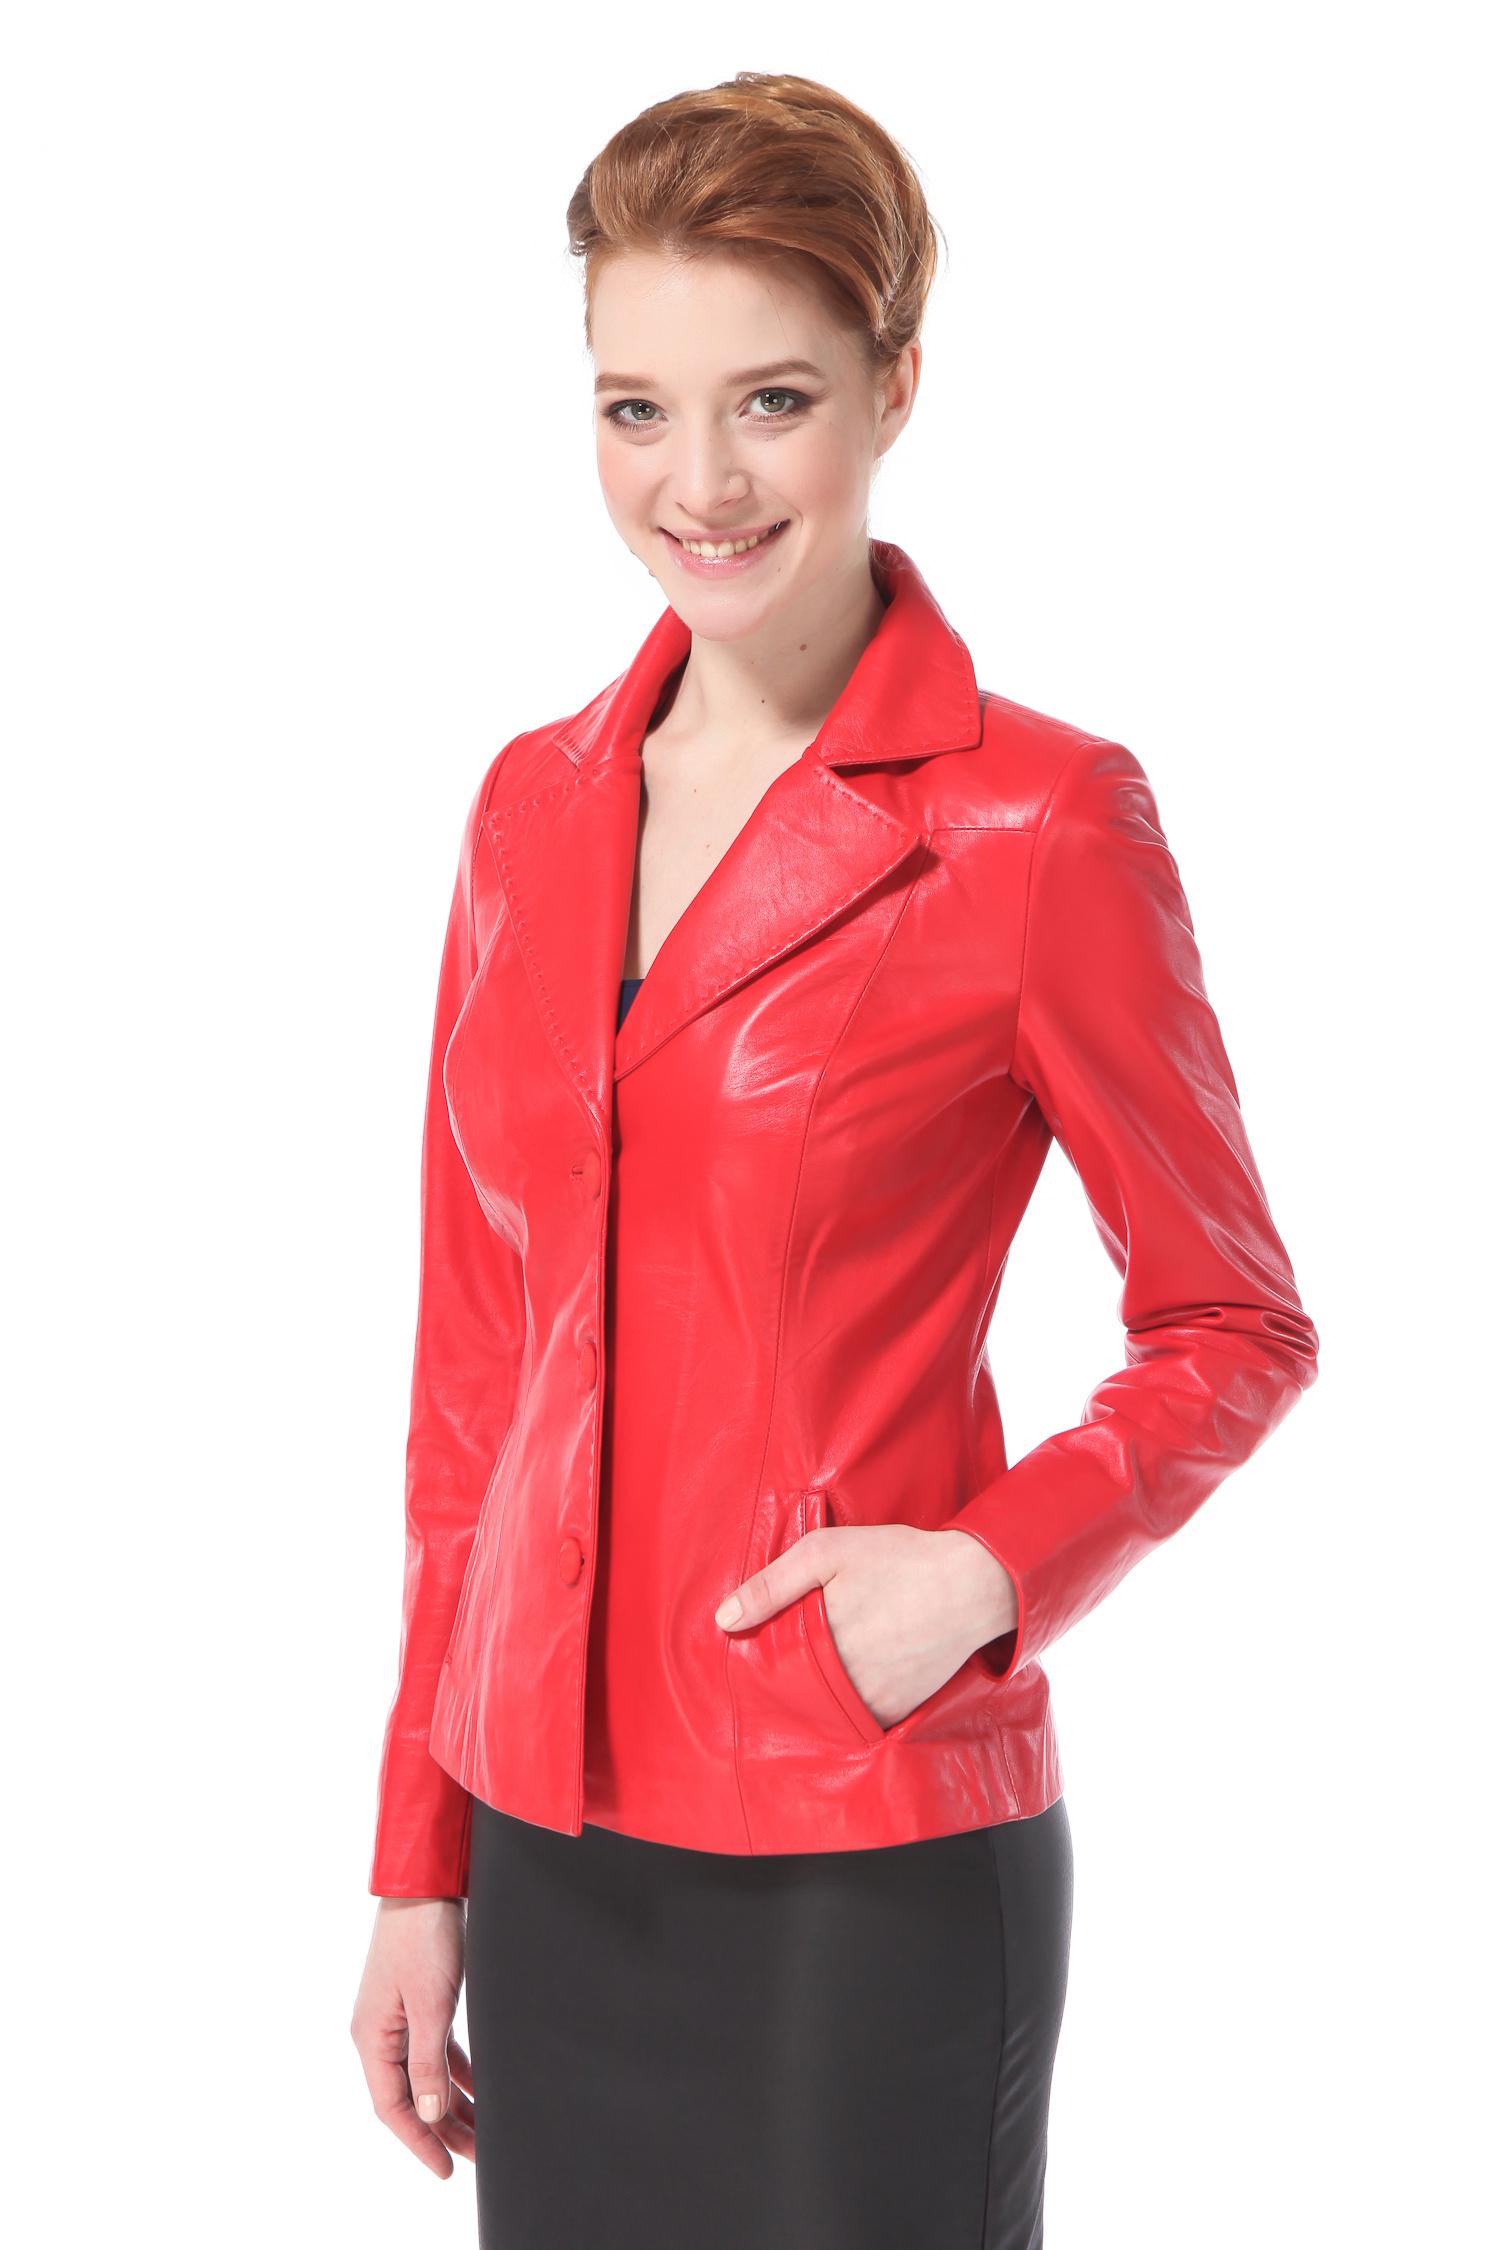 Женская кожаная куртка из натуральной кожи с воротником, без отделкиЦвет – венецианский красный.Модель относится к минималистичному стилю, который торжествует уже не один год. Минимализм в декоре с лихвой окупает броский, жизнеутверждающий цвет. Монохромный и очень лаконичный блейзер поможет выглядеть всегда безупречно и экстравагантно. Это компактная модель, которая благодаря безупречной посадке выгодно подчеркивает изящность женской фигуры. Универсальный блейзер классического кроя позволит создавать яркие и неординарные образы, одинаково удачно комплектуясь как со строгой офисной одеждой, так и с джинсами, различными фасонами юбок и нарядными платьями.<br><br>Воротник: Английский<br>Длина см: 55<br>Материал: Натуральная кожа<br>Цвет: Красный<br>Пол: Женский